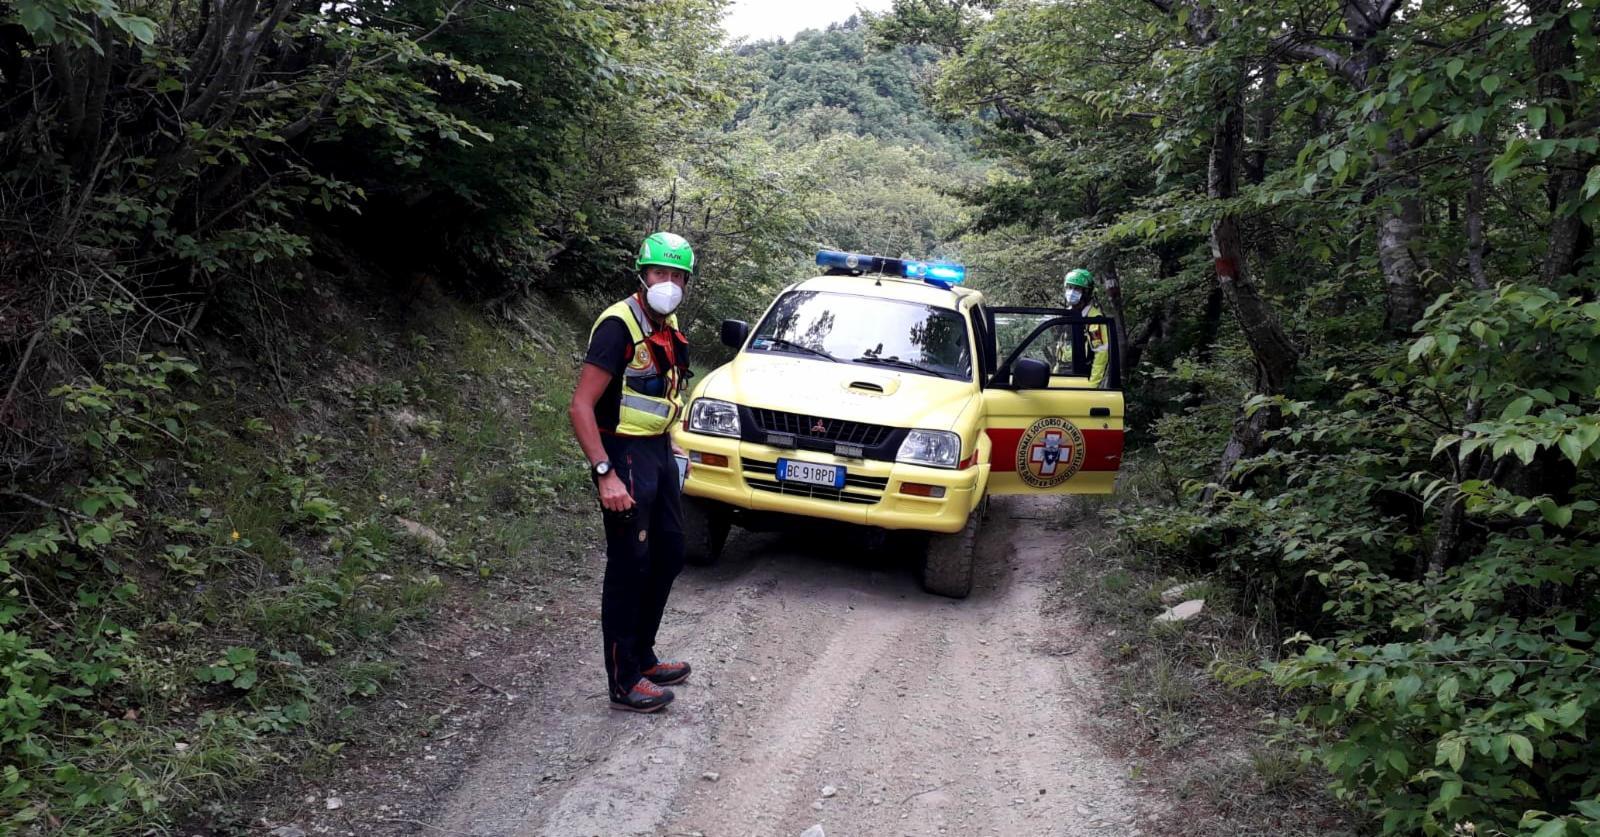 Intervento di recupero di un motociclista colto da malore nel bosco per i tecnici del Soccorso Alpino Toscano della Stazione Monte Falterona